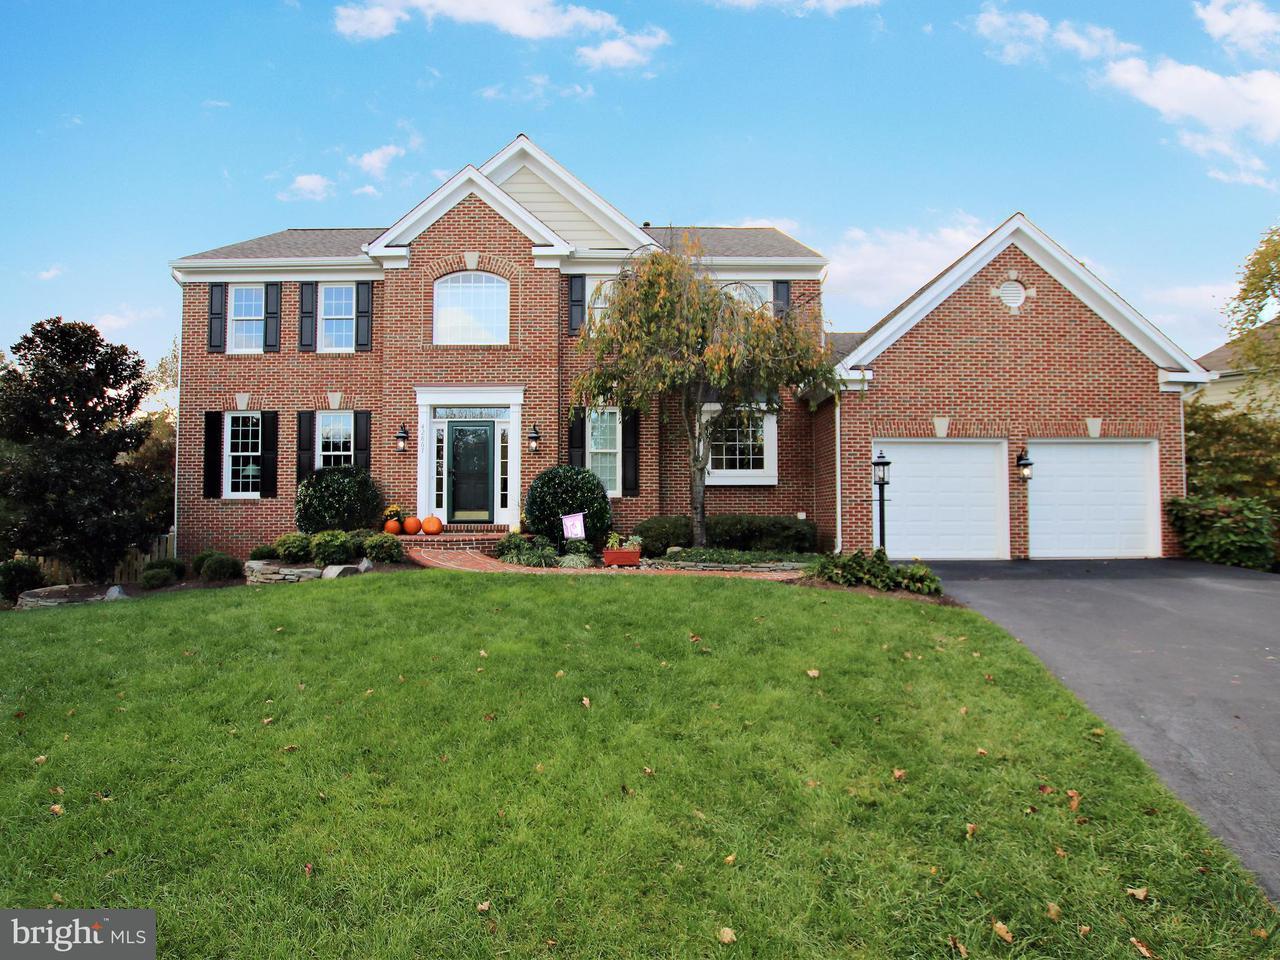 Maison unifamiliale pour l Vente à 42867 AUTUMN HARVEST Court 42867 AUTUMN HARVEST Court Broadlands, Virginia 20148 États-Unis